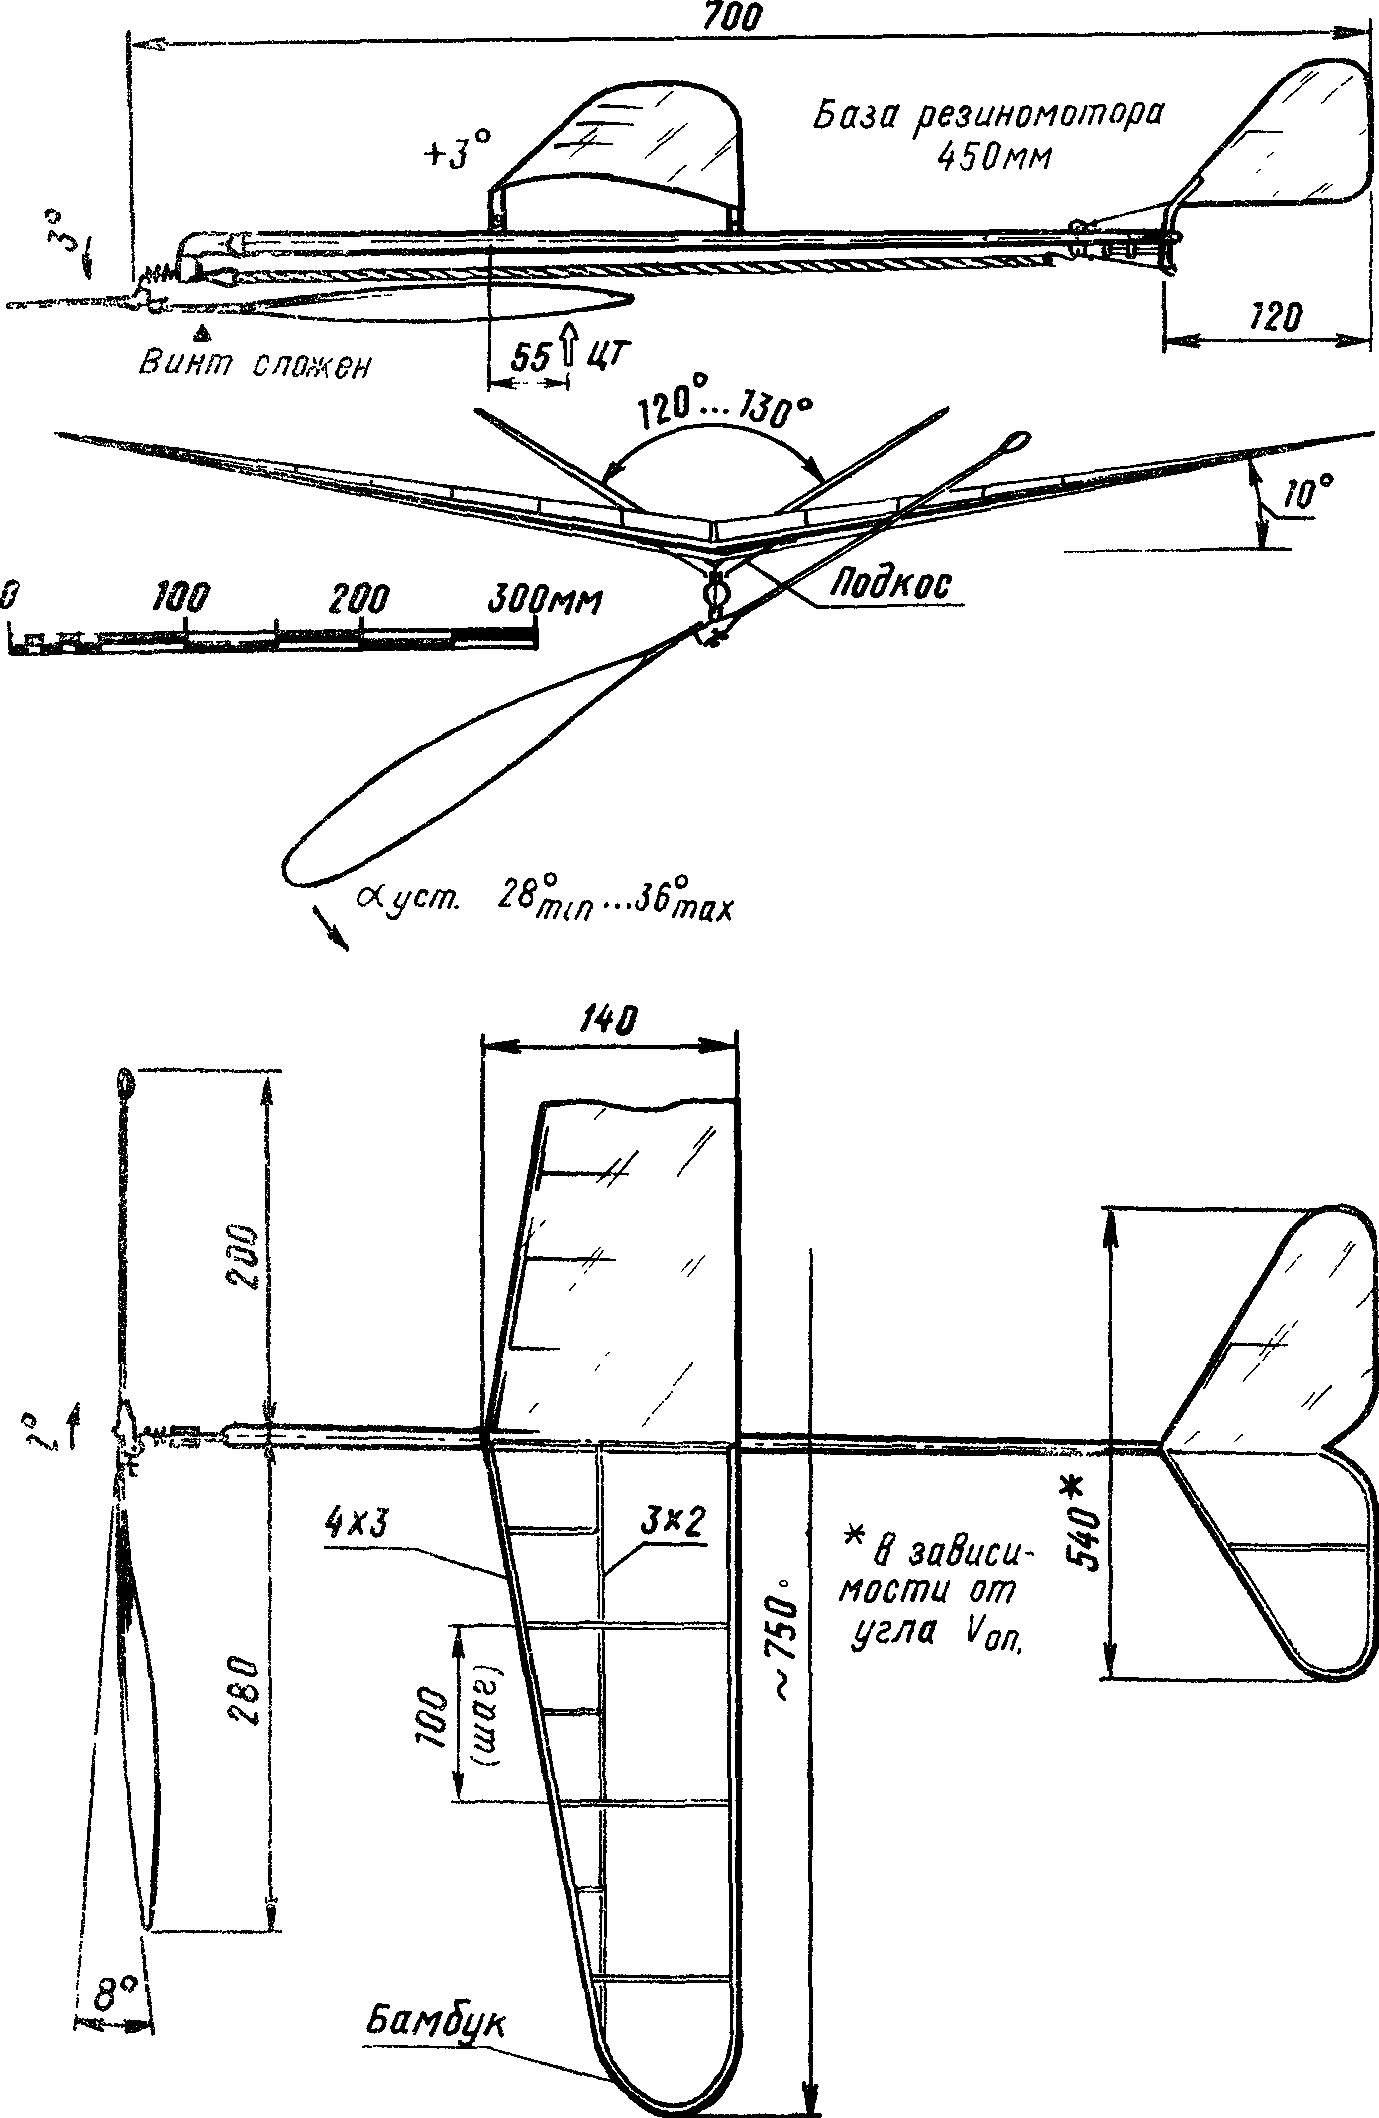 Как сделать самолет с резиномотор 850